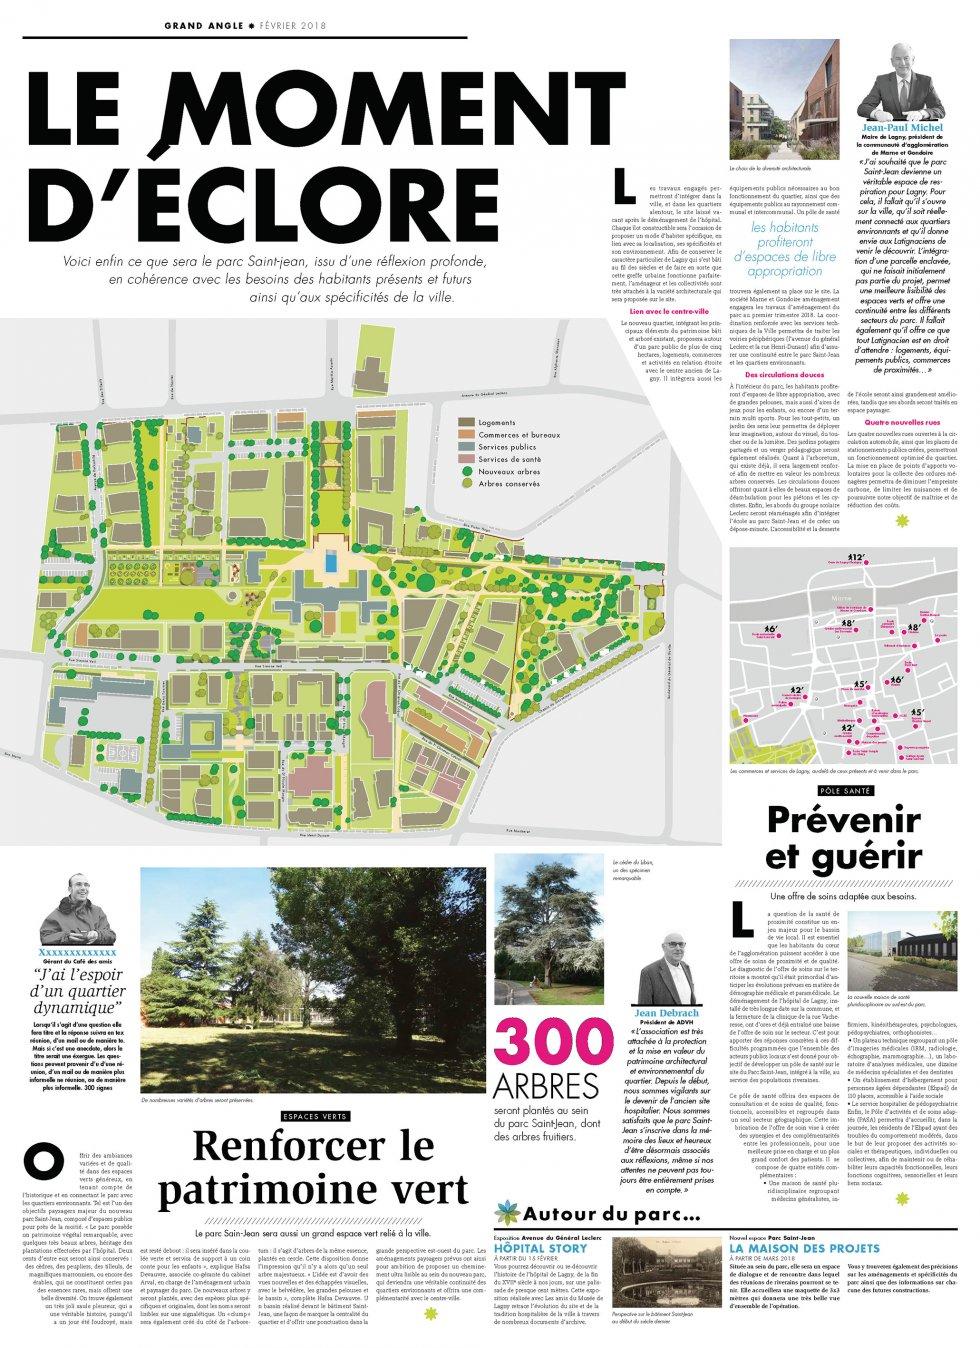 ARVAL architecture - ZAC Saint-Jean –  Lagny-sur-Marne (77) - 4 ARVAL ZAC Saint-Jean -  Lagny-sur-Marne (77)